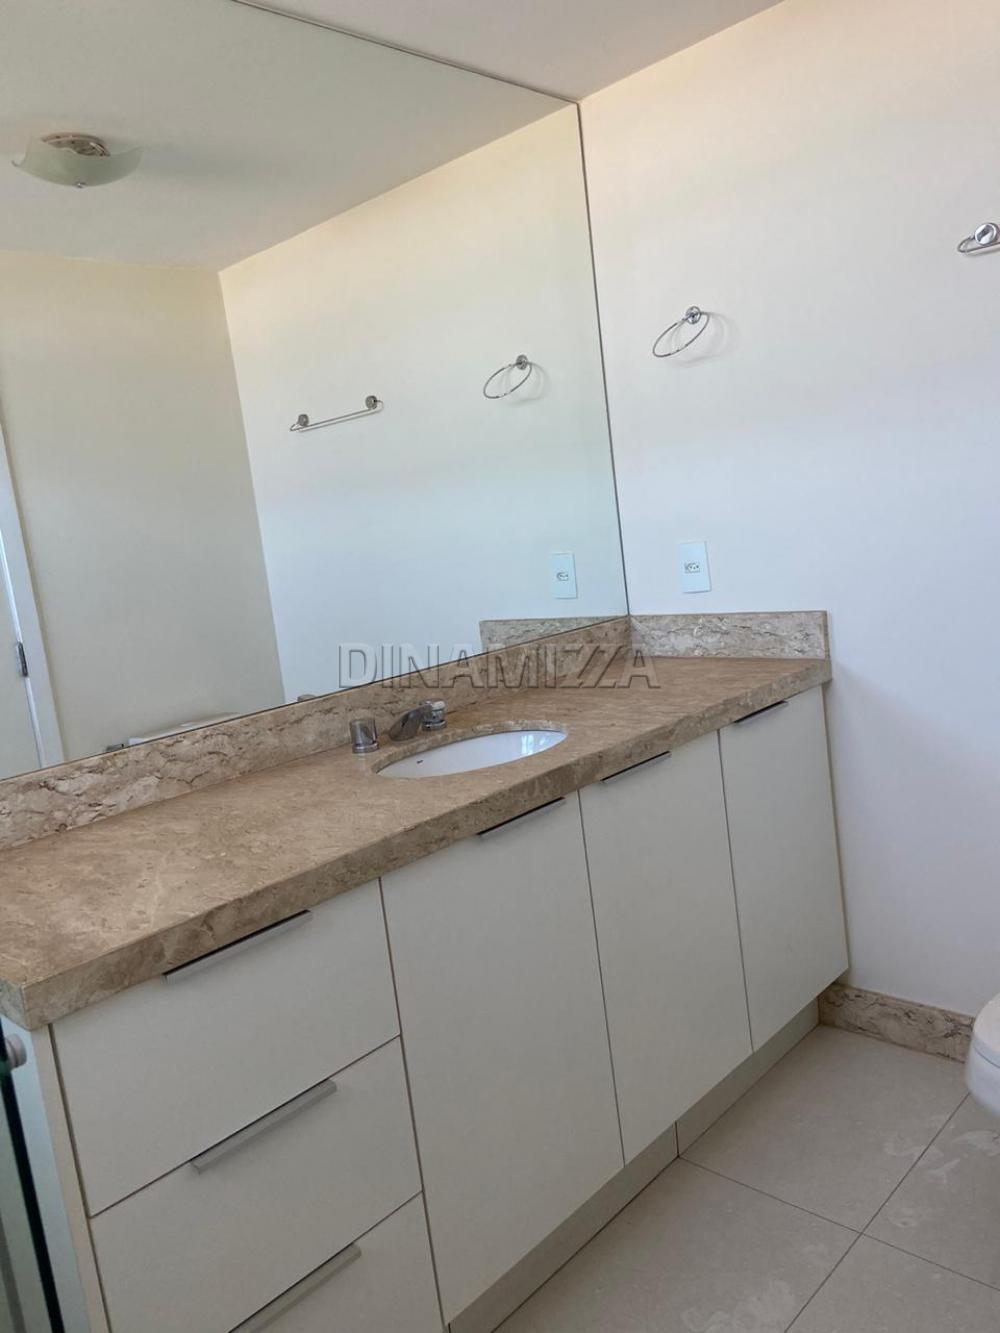 Alugar Apartamento / Padrão em Uberaba apenas R$ 2.700,00 - Foto 14